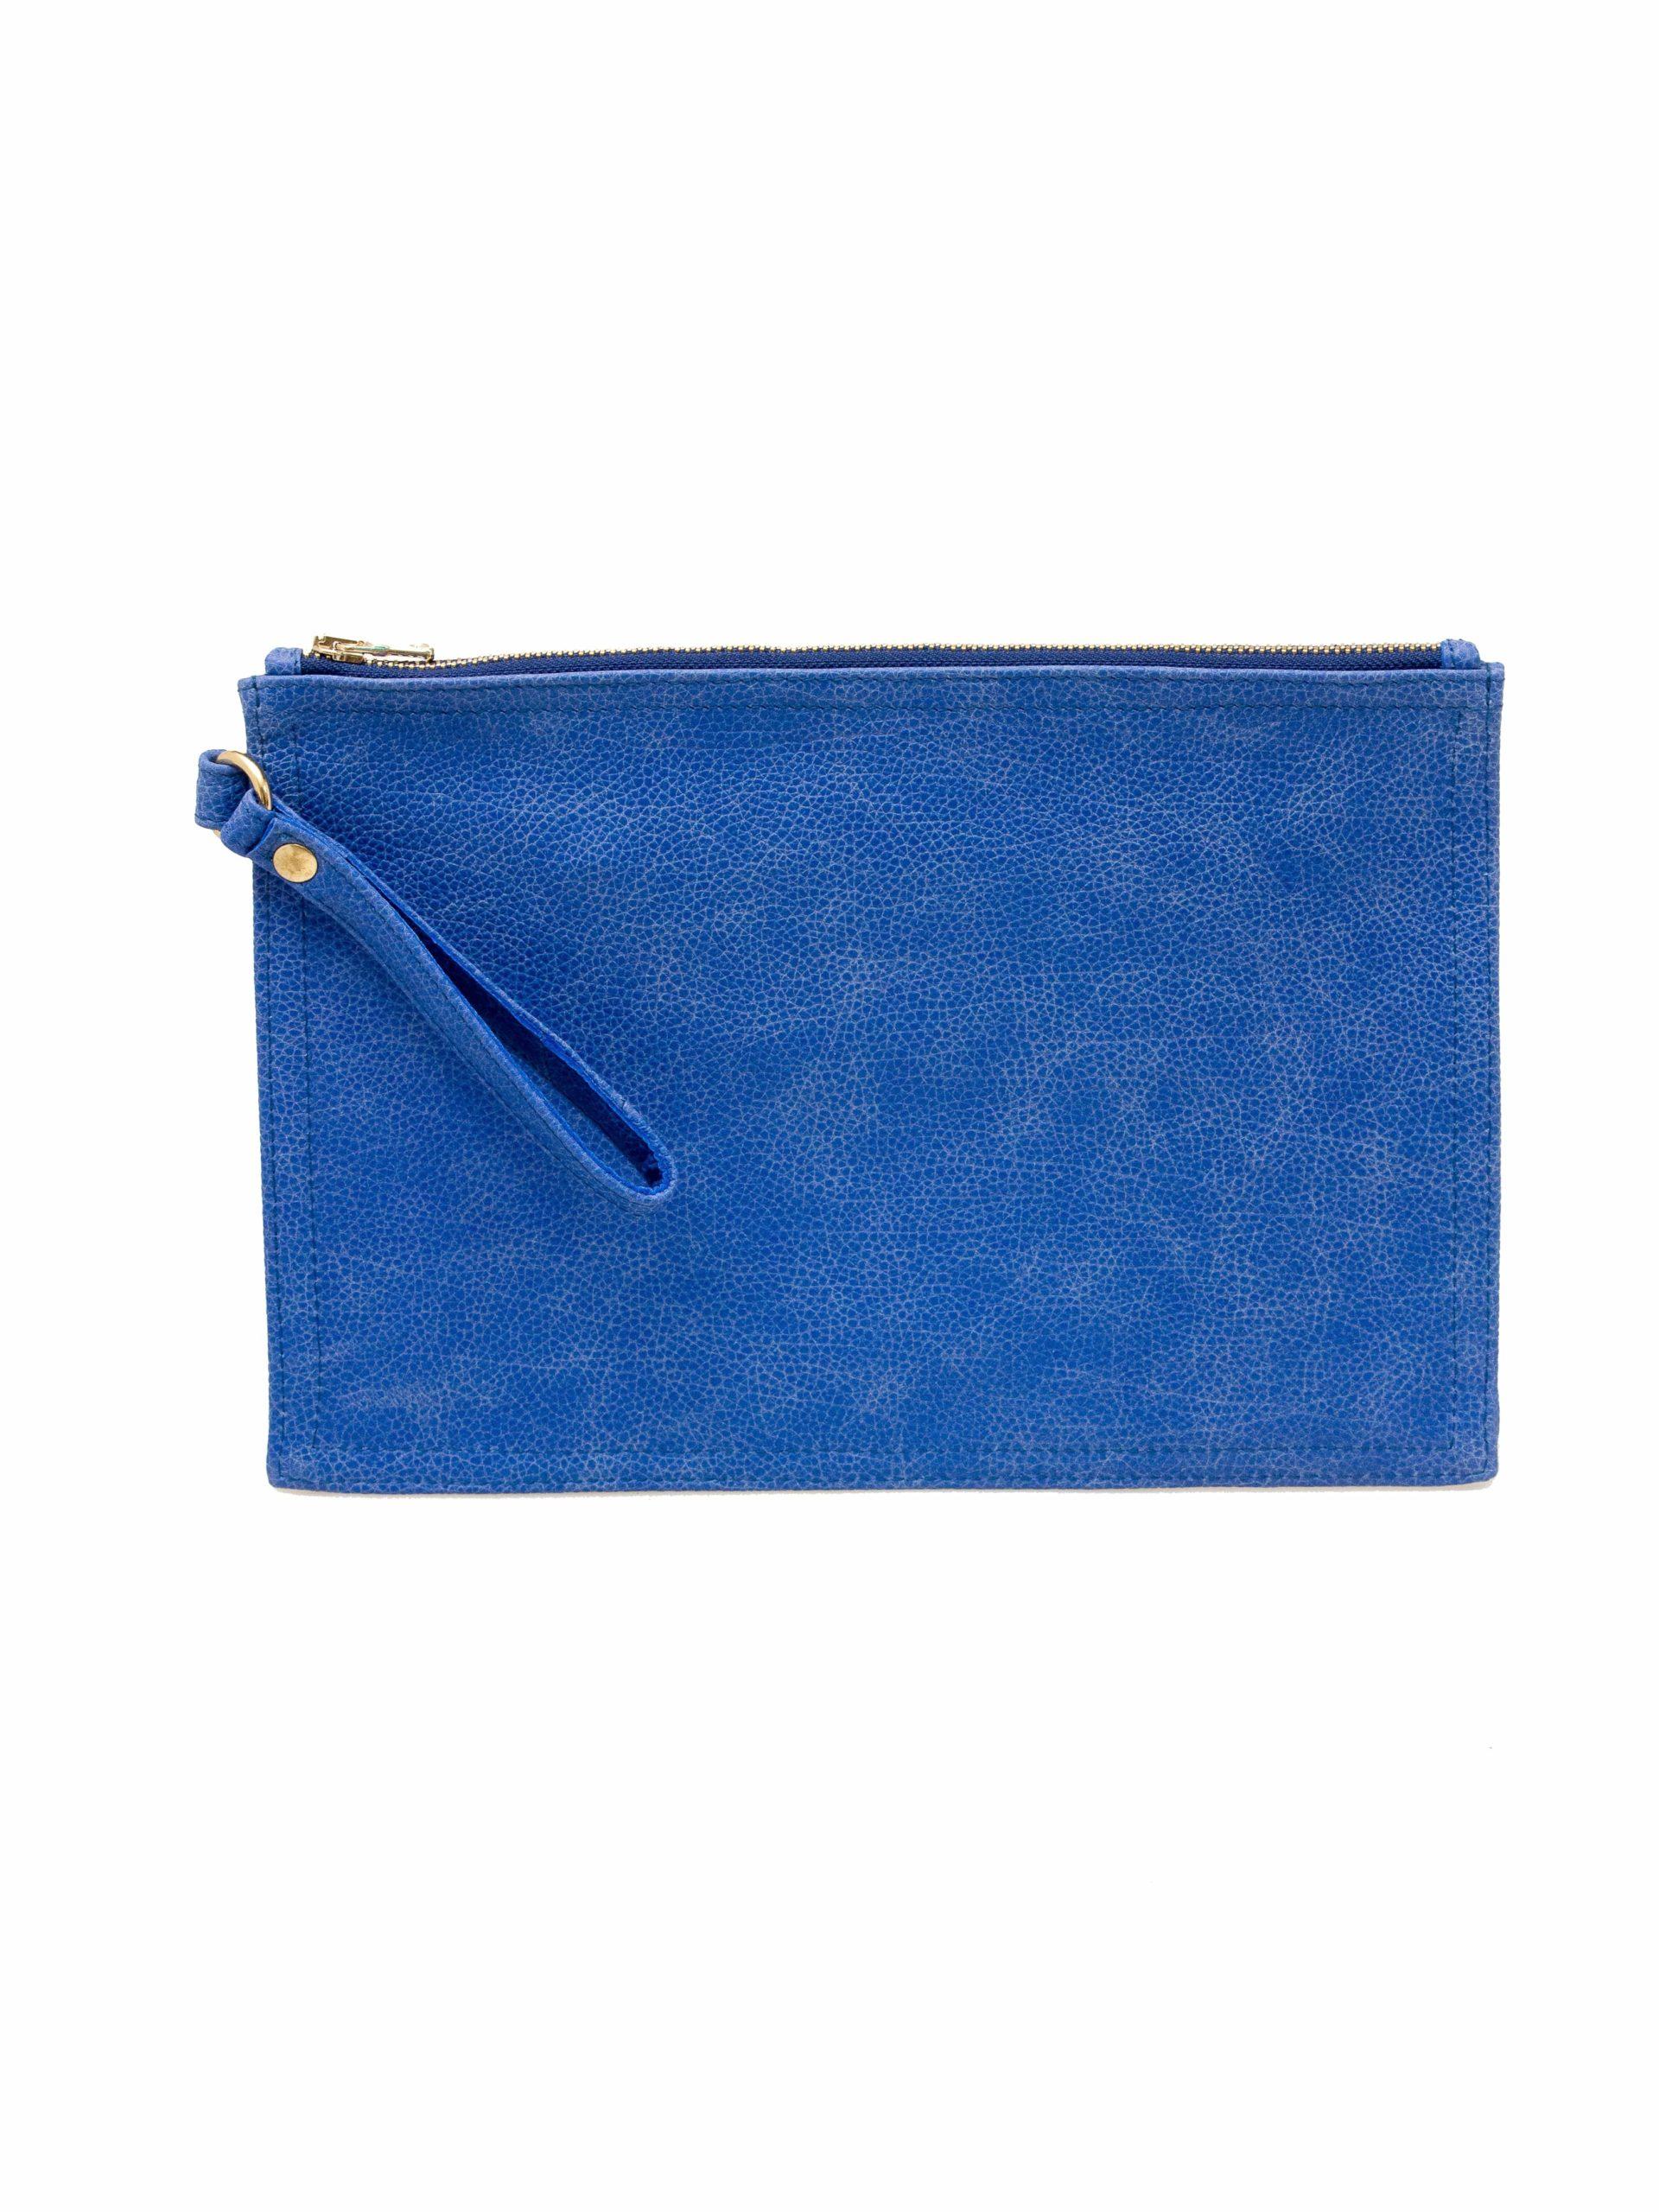 клатч коверт голубой купить